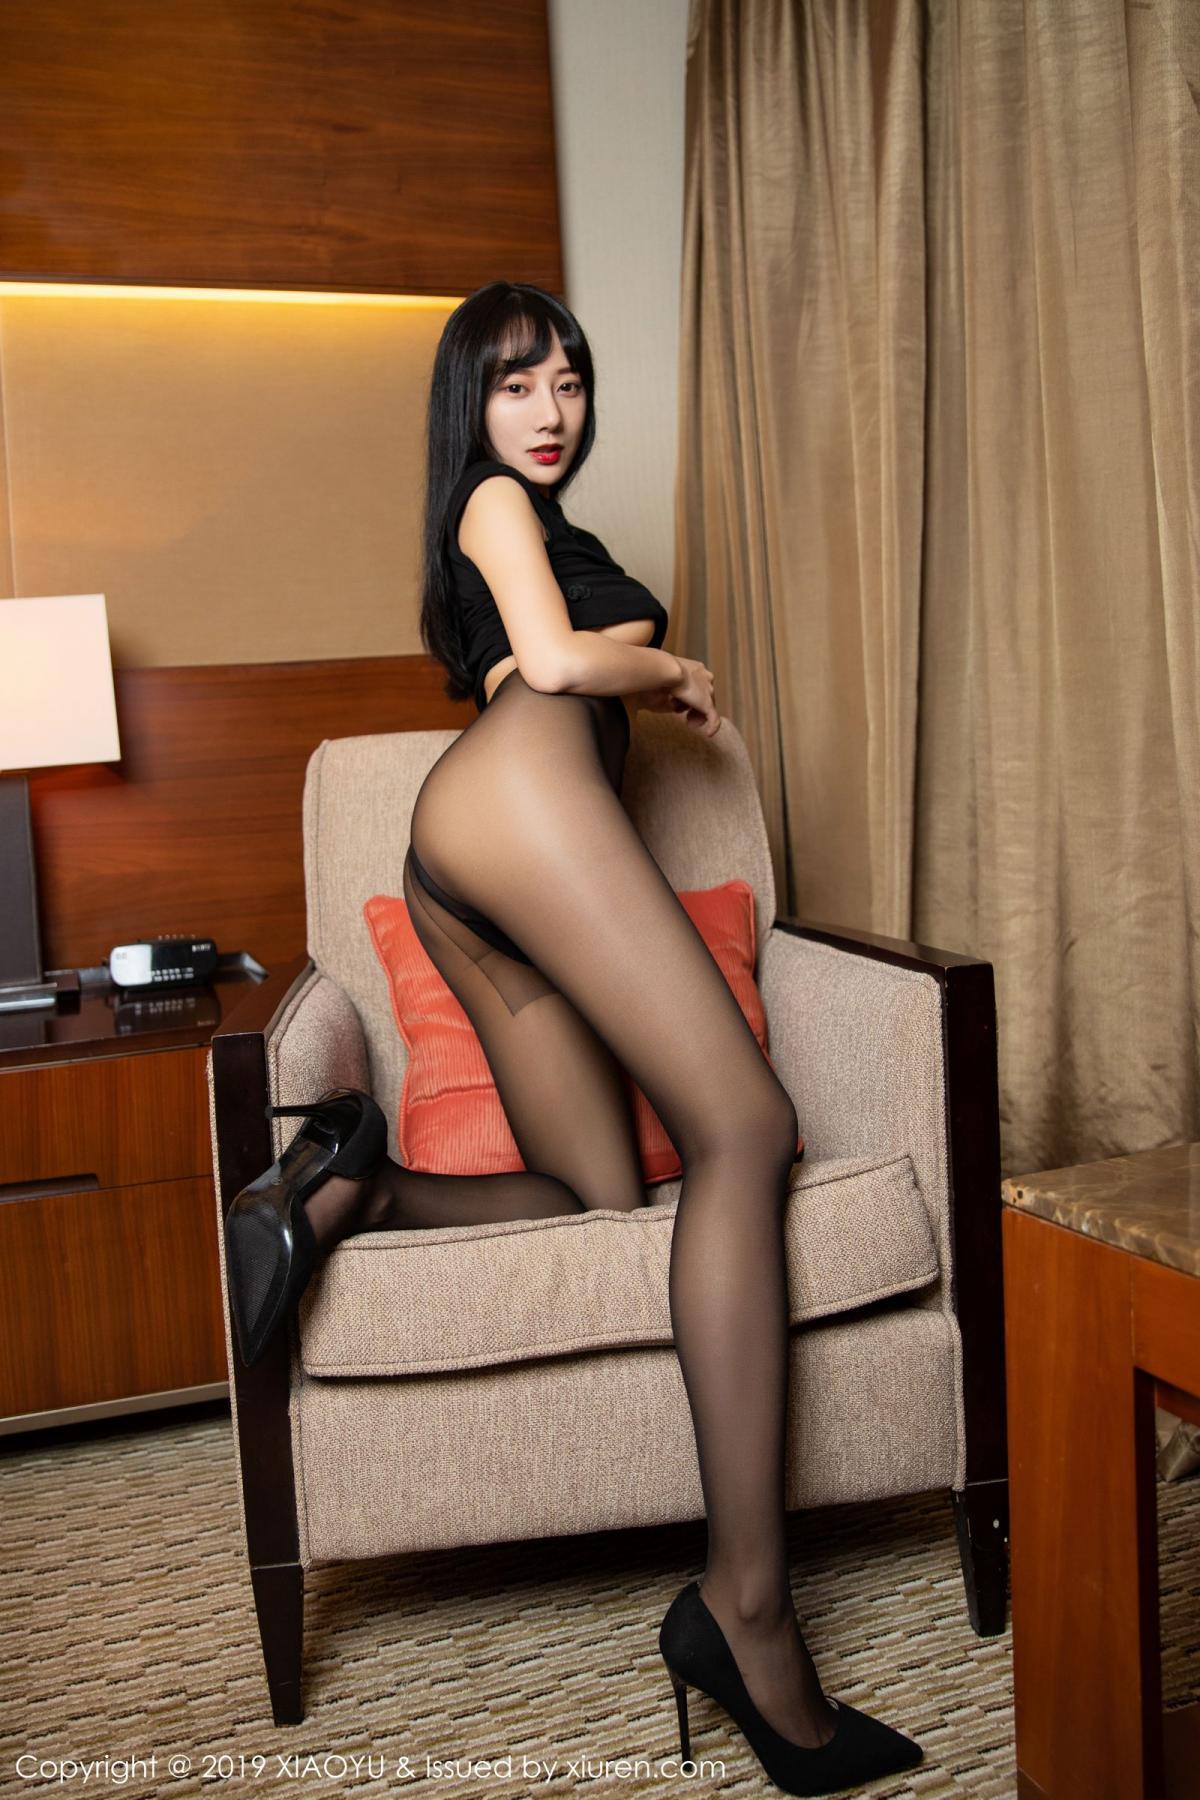 [XiaoYu] Vol.145 He Jia Ying 29P, Black Silk, He Jia Ying, Underwear, XiaoYu